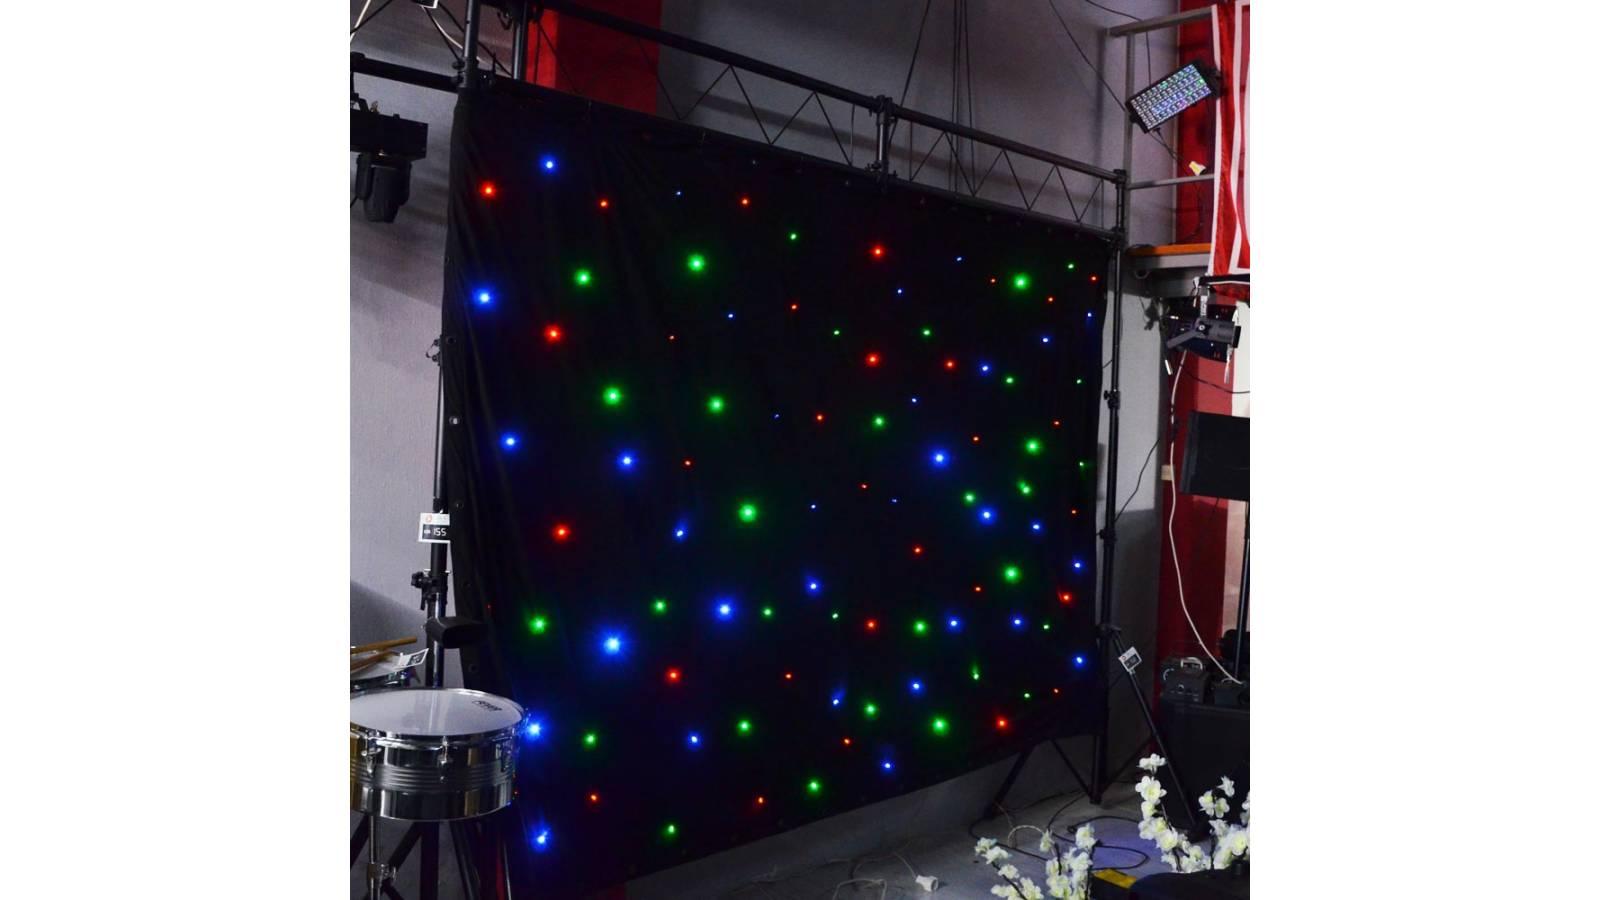 Telón Cortina LED RGB  para Decoración 3 x 2 metros Gcm Pro NUEVOS